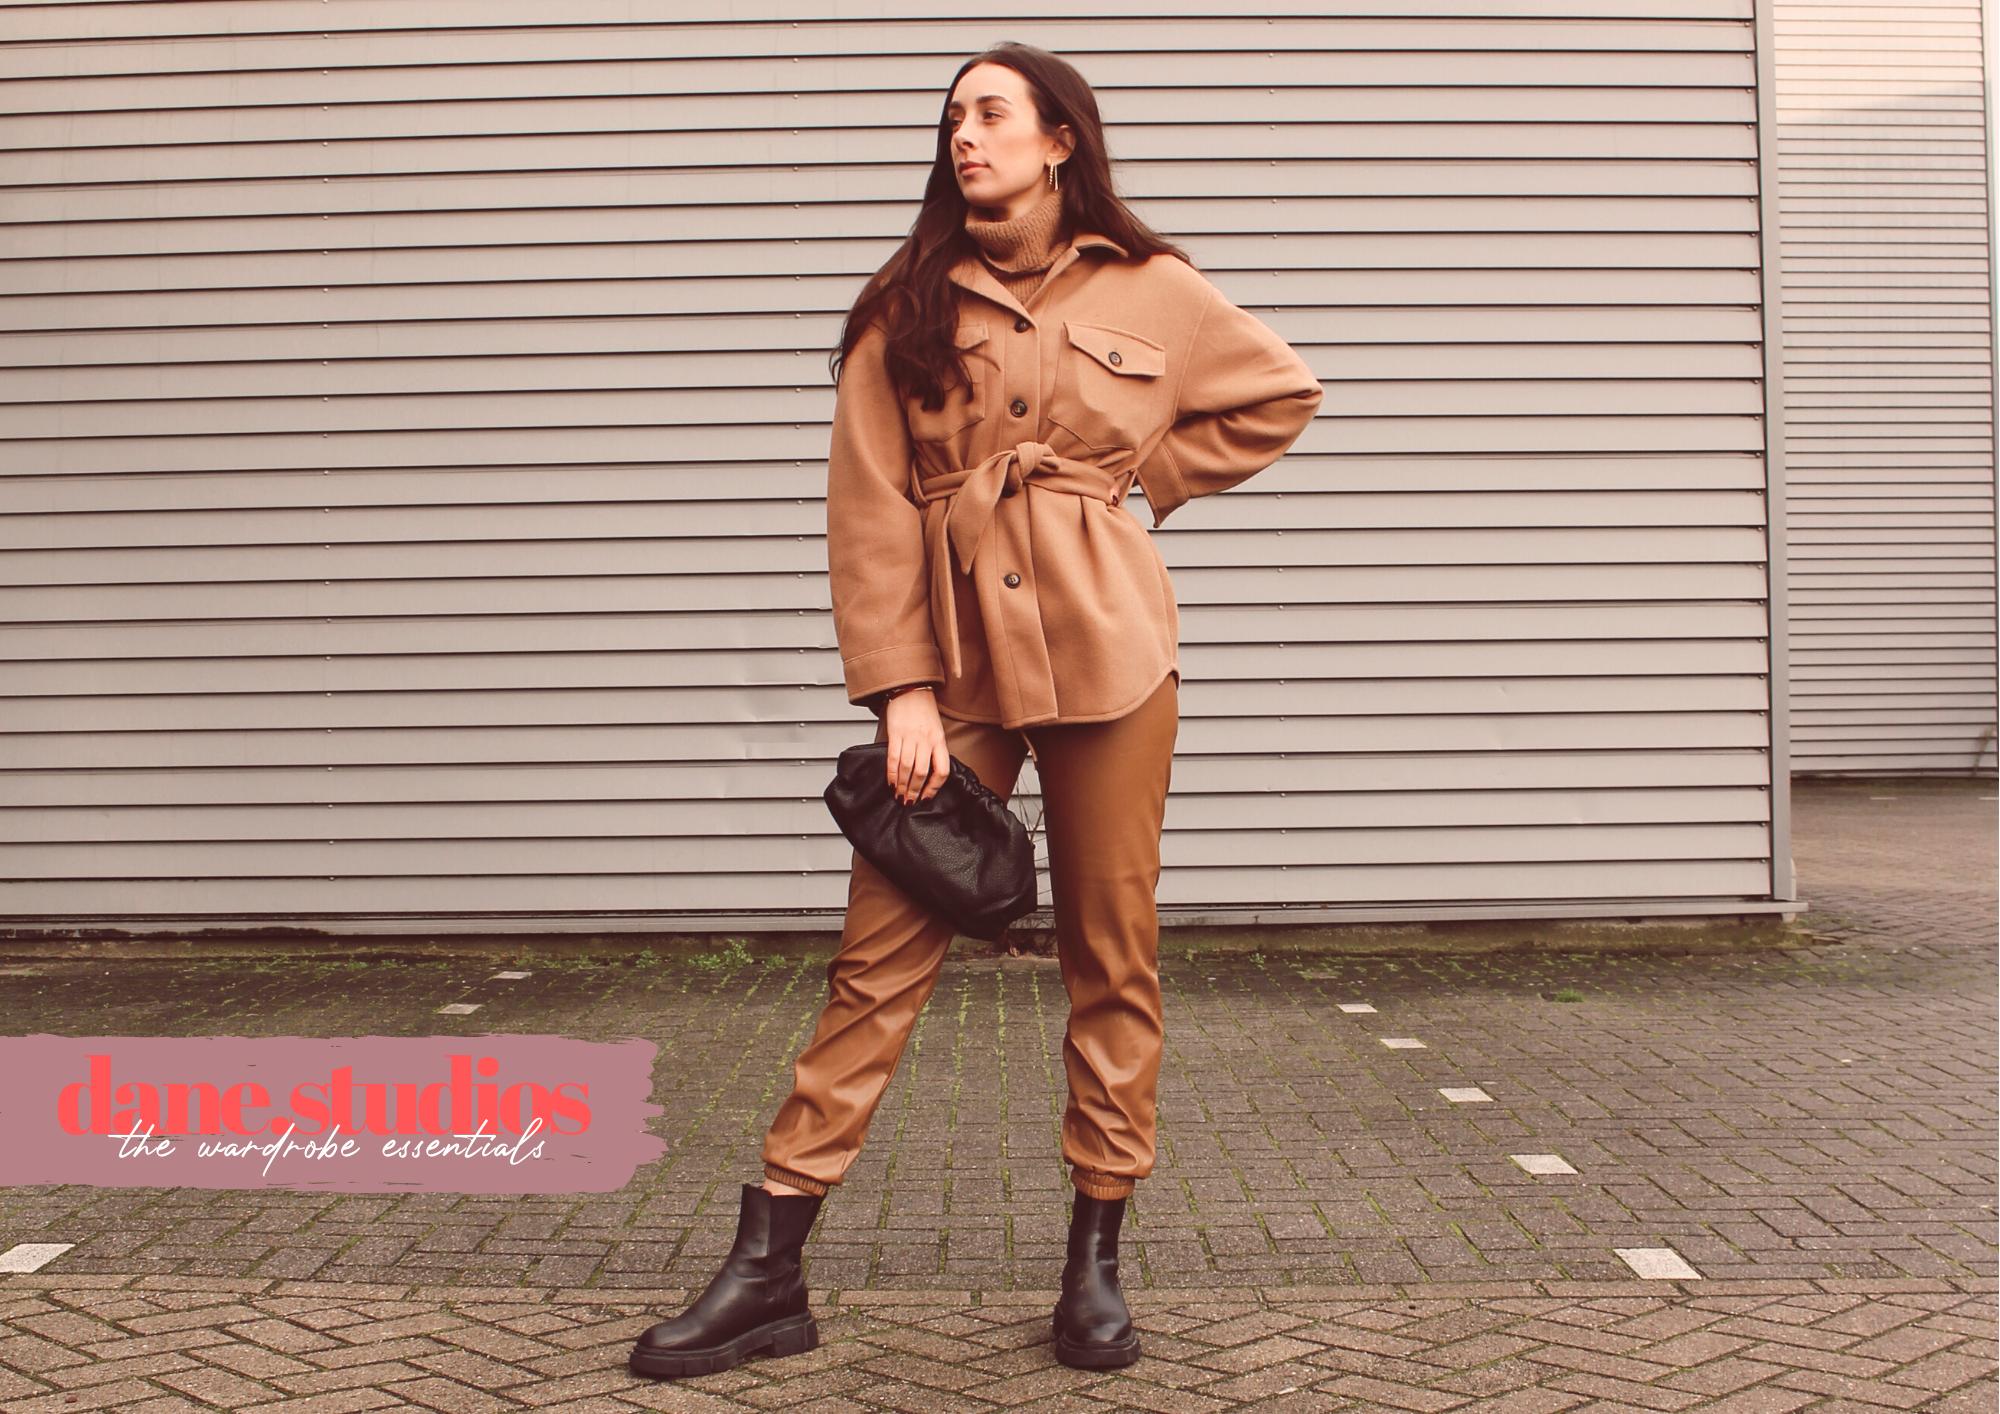 Danestudios kleding tas fashion webshop